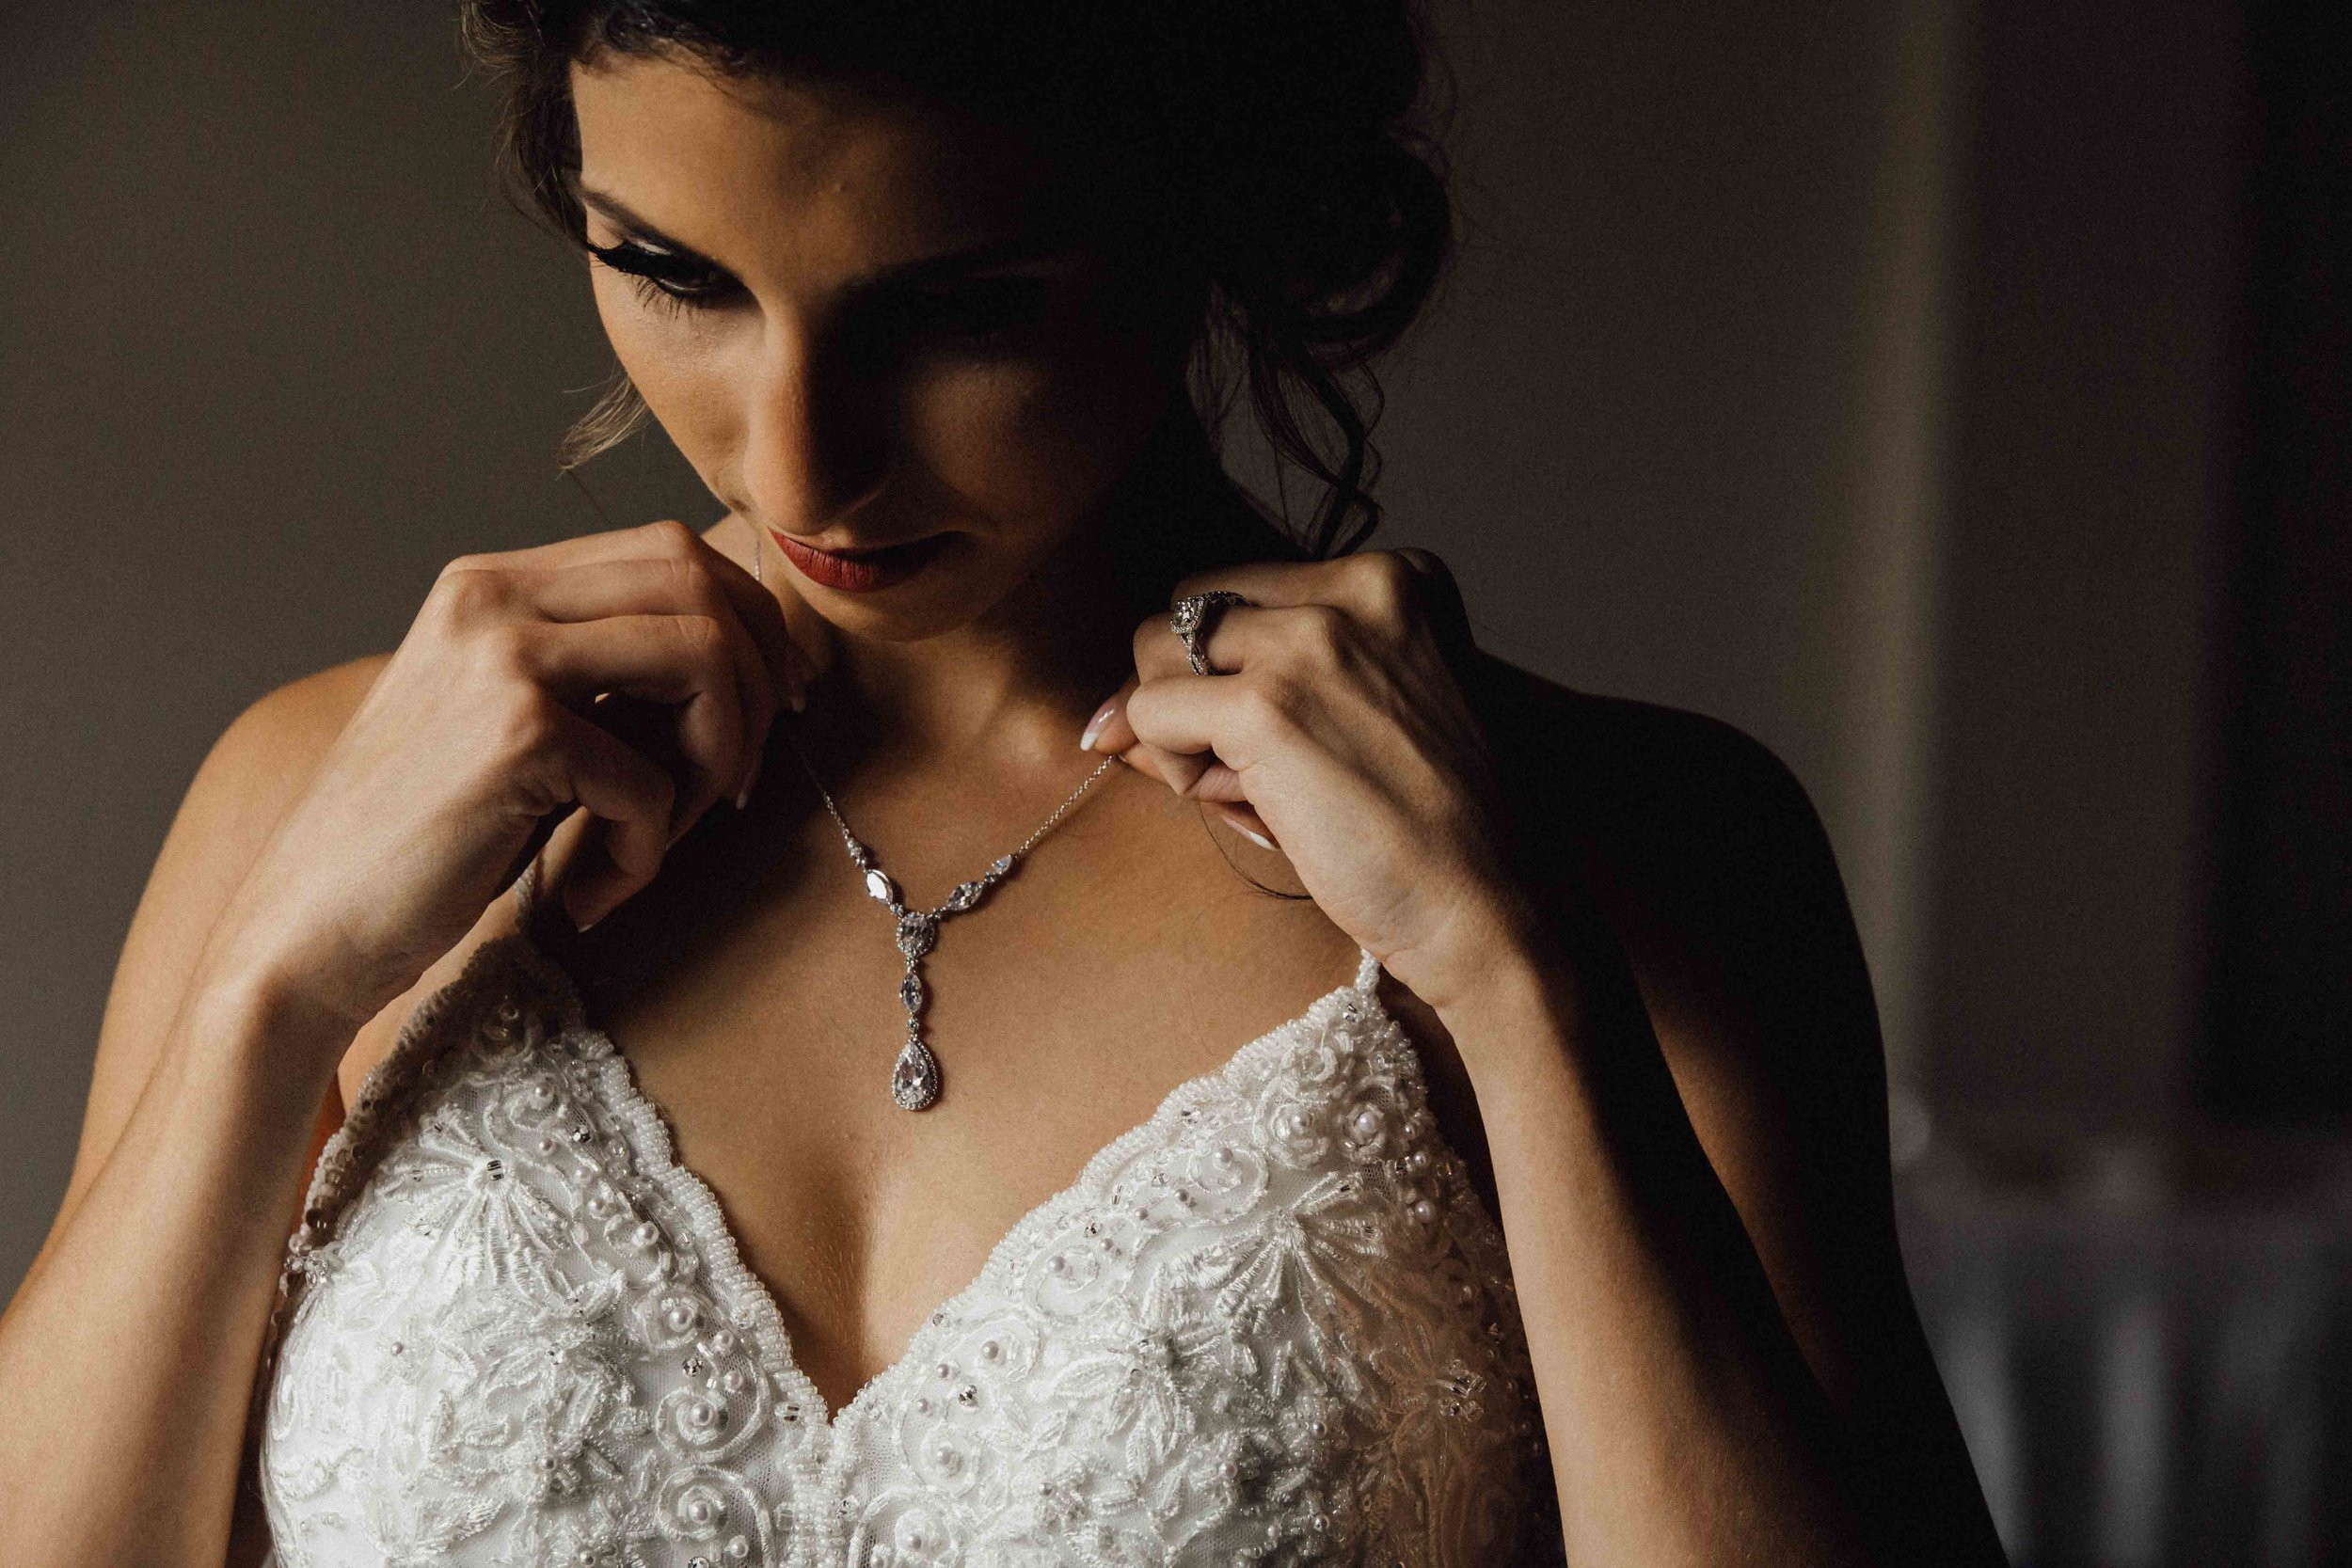 myrtle_beach_south_carolina_wedding_greek_orthodox063.jpg